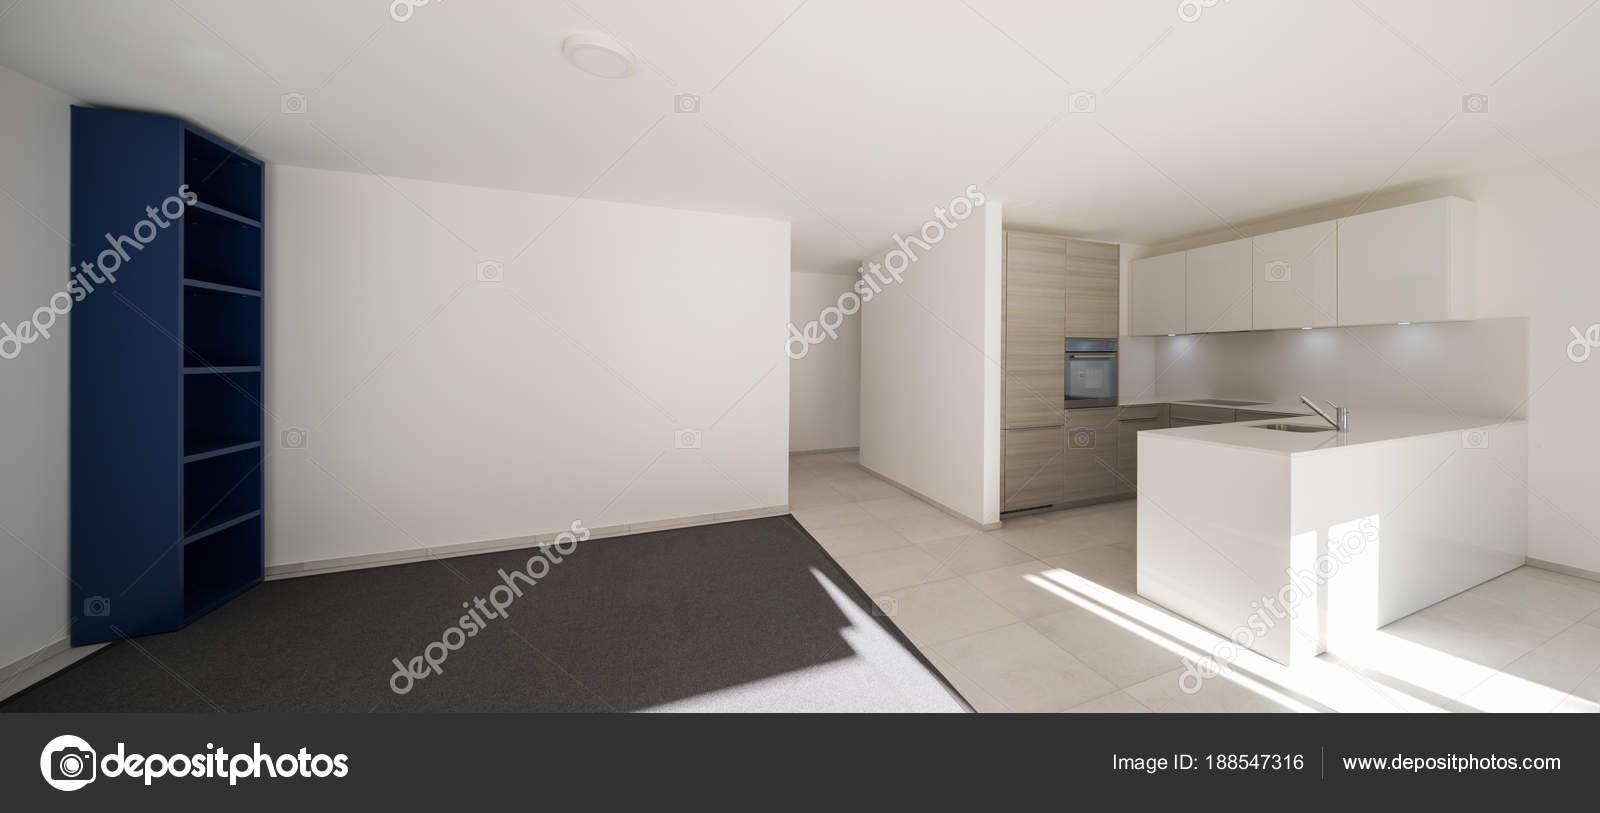 Moderner Offener Raum Mit Wohnzimmer Und Kuche Stockfoto C Zveiger